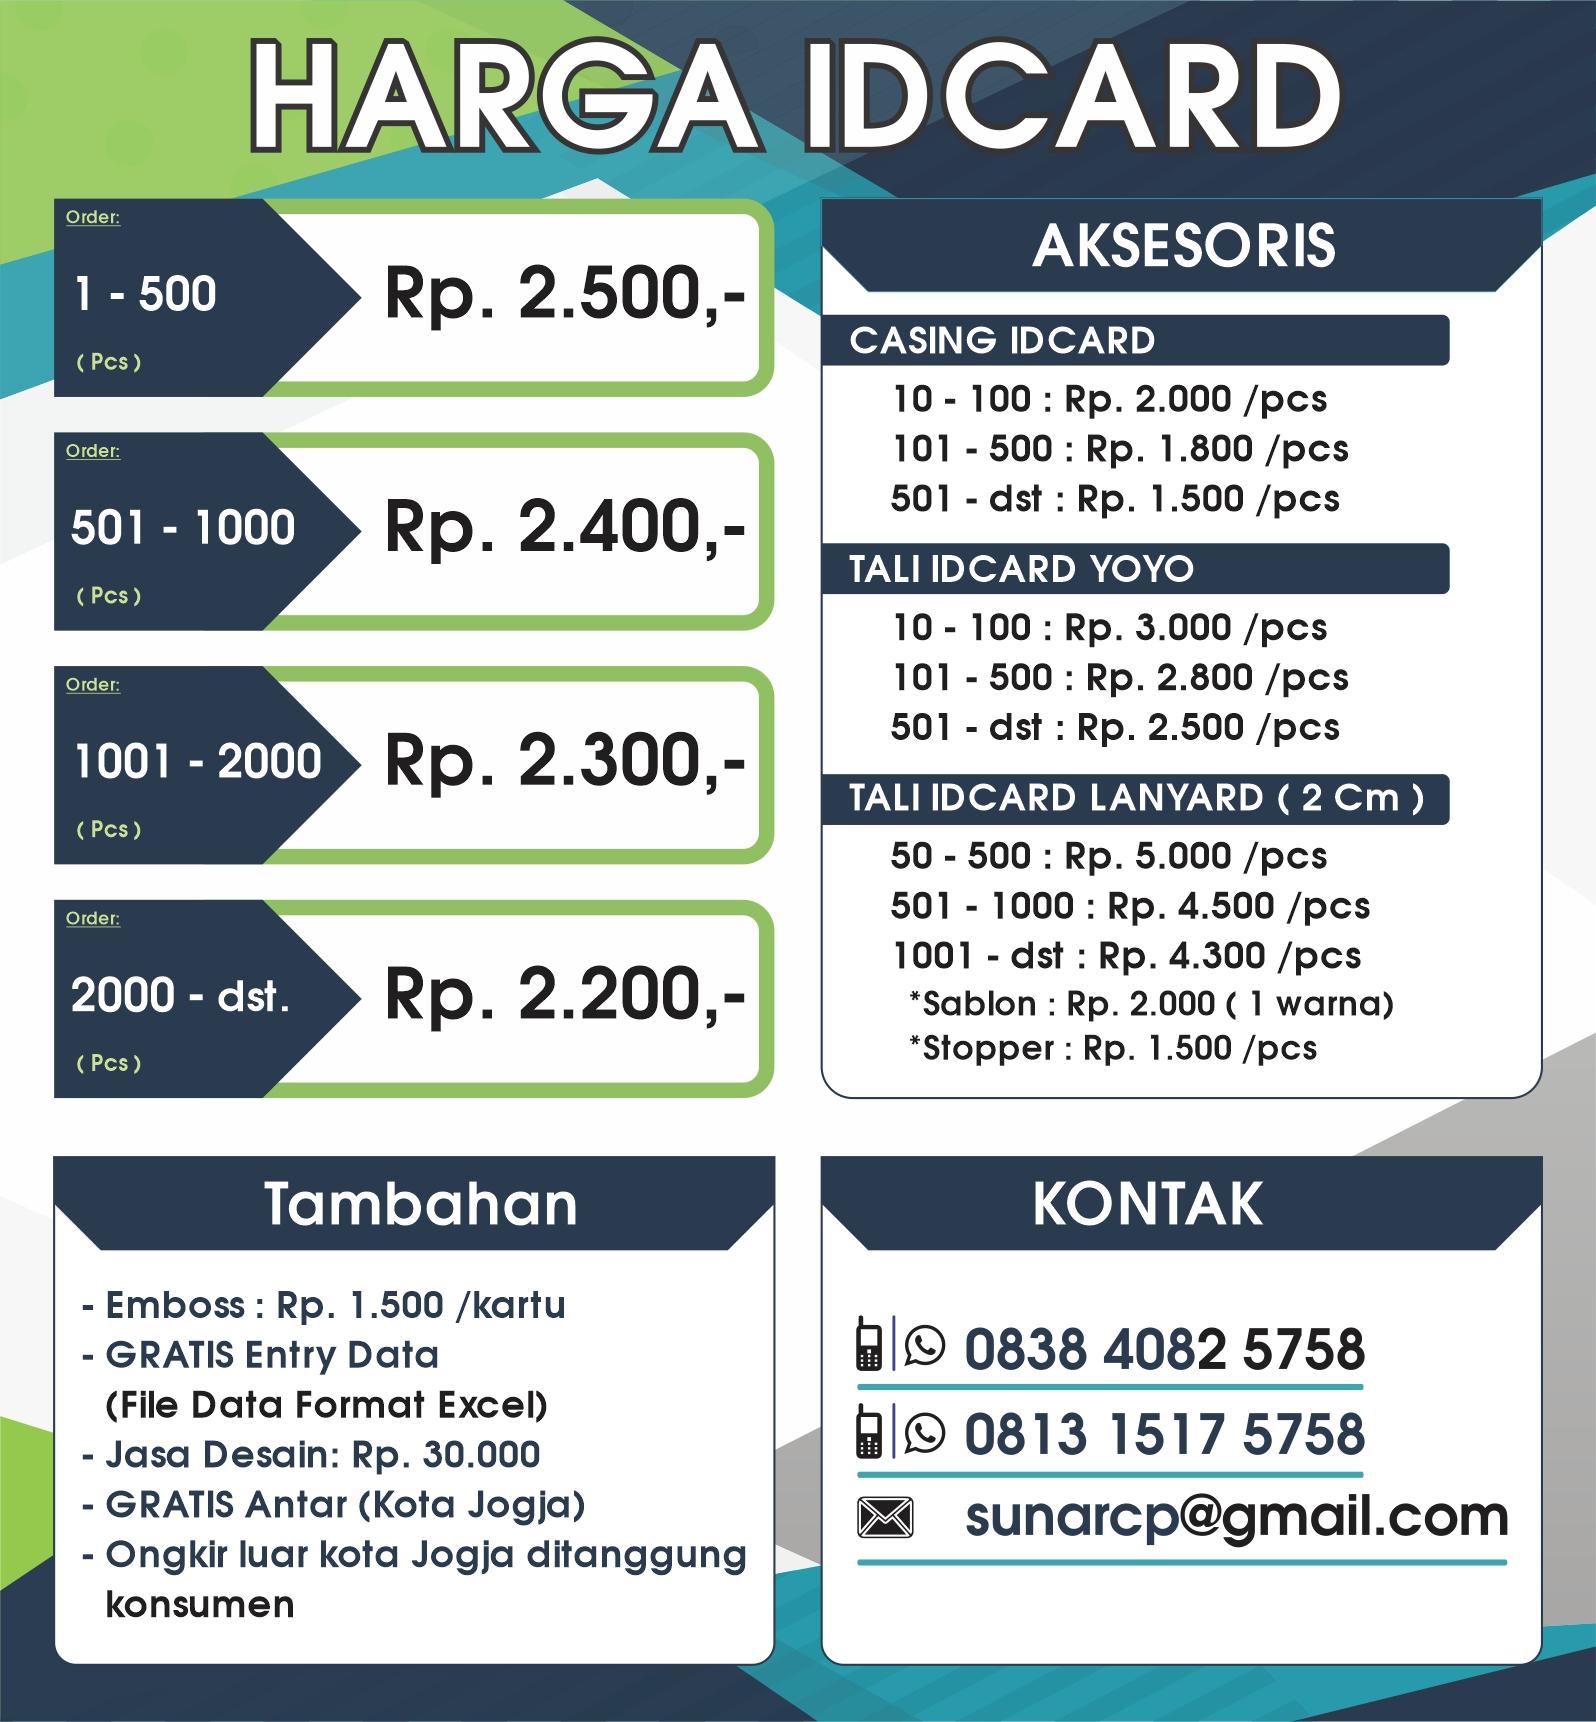 cetak idcard murah, cetak membercard murah, bikin idcard murah, bikin membercard murah, pesan idcard murah, pesan membercard murah